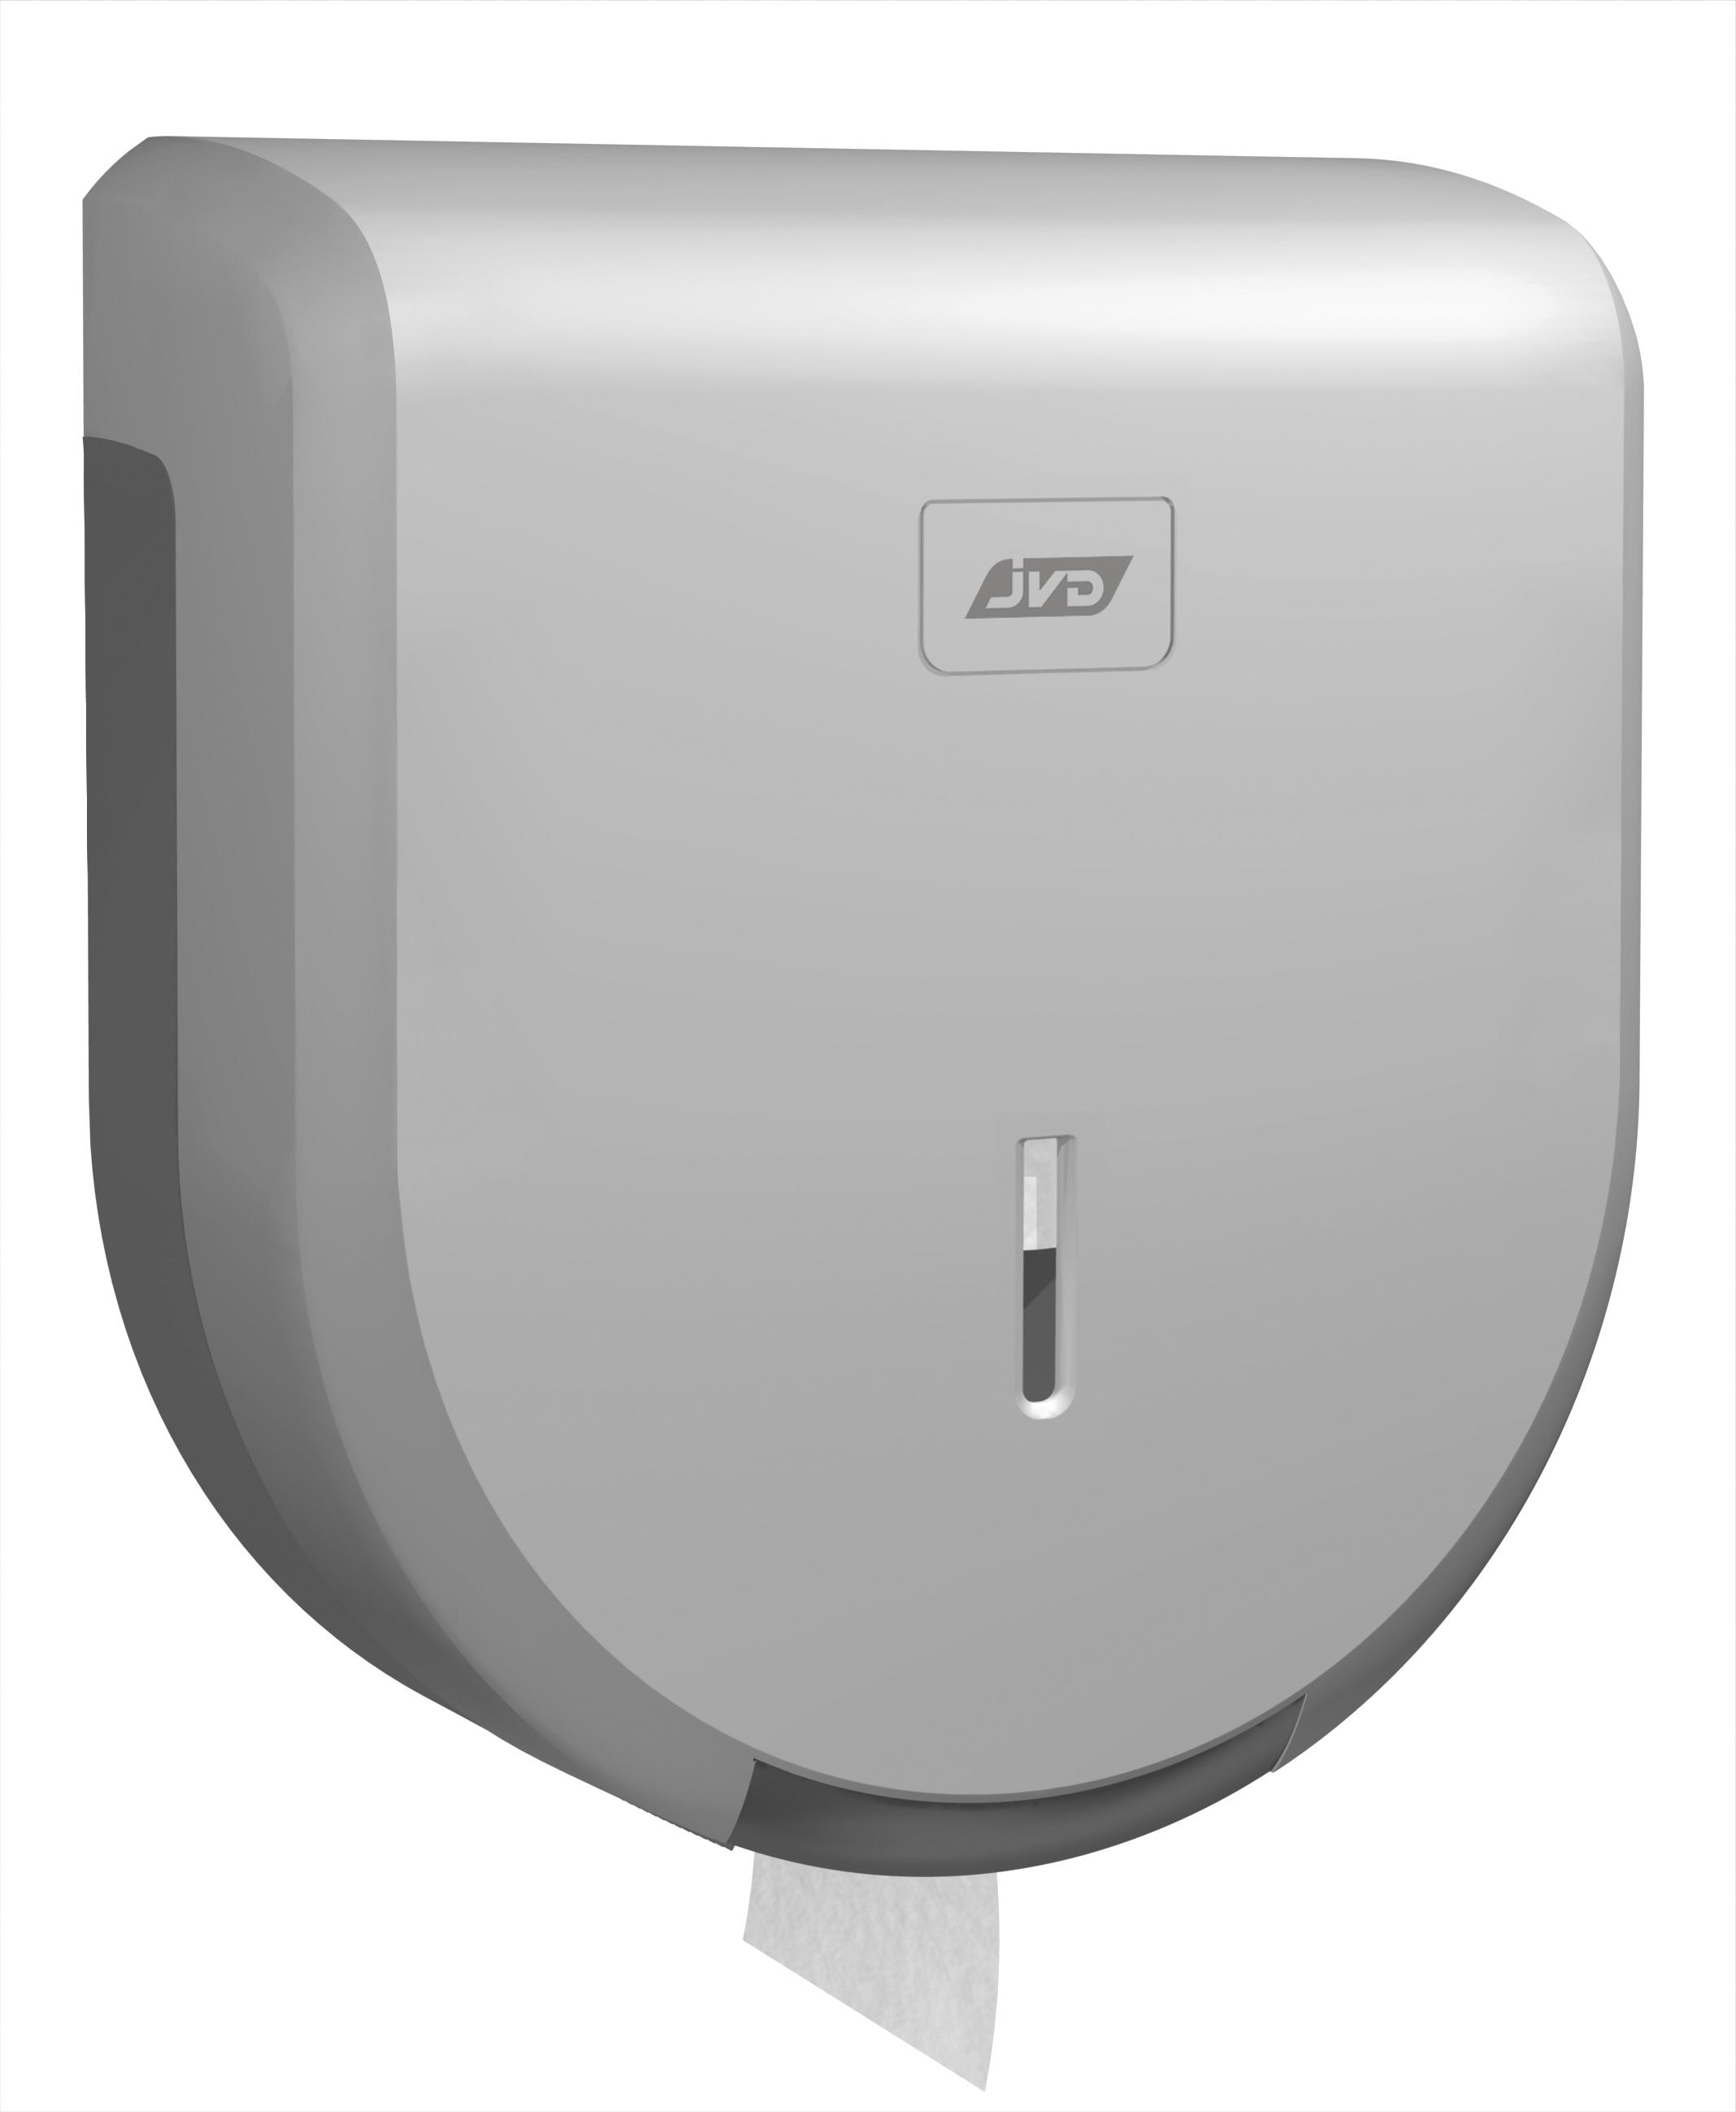 af6910b15 Dispensador de Papel Higiénico Jumbo Plástico Prata na Loja Ricardo e Vaz,  Papelaria, Higiene e Limpeza | Ricardo & Vaz